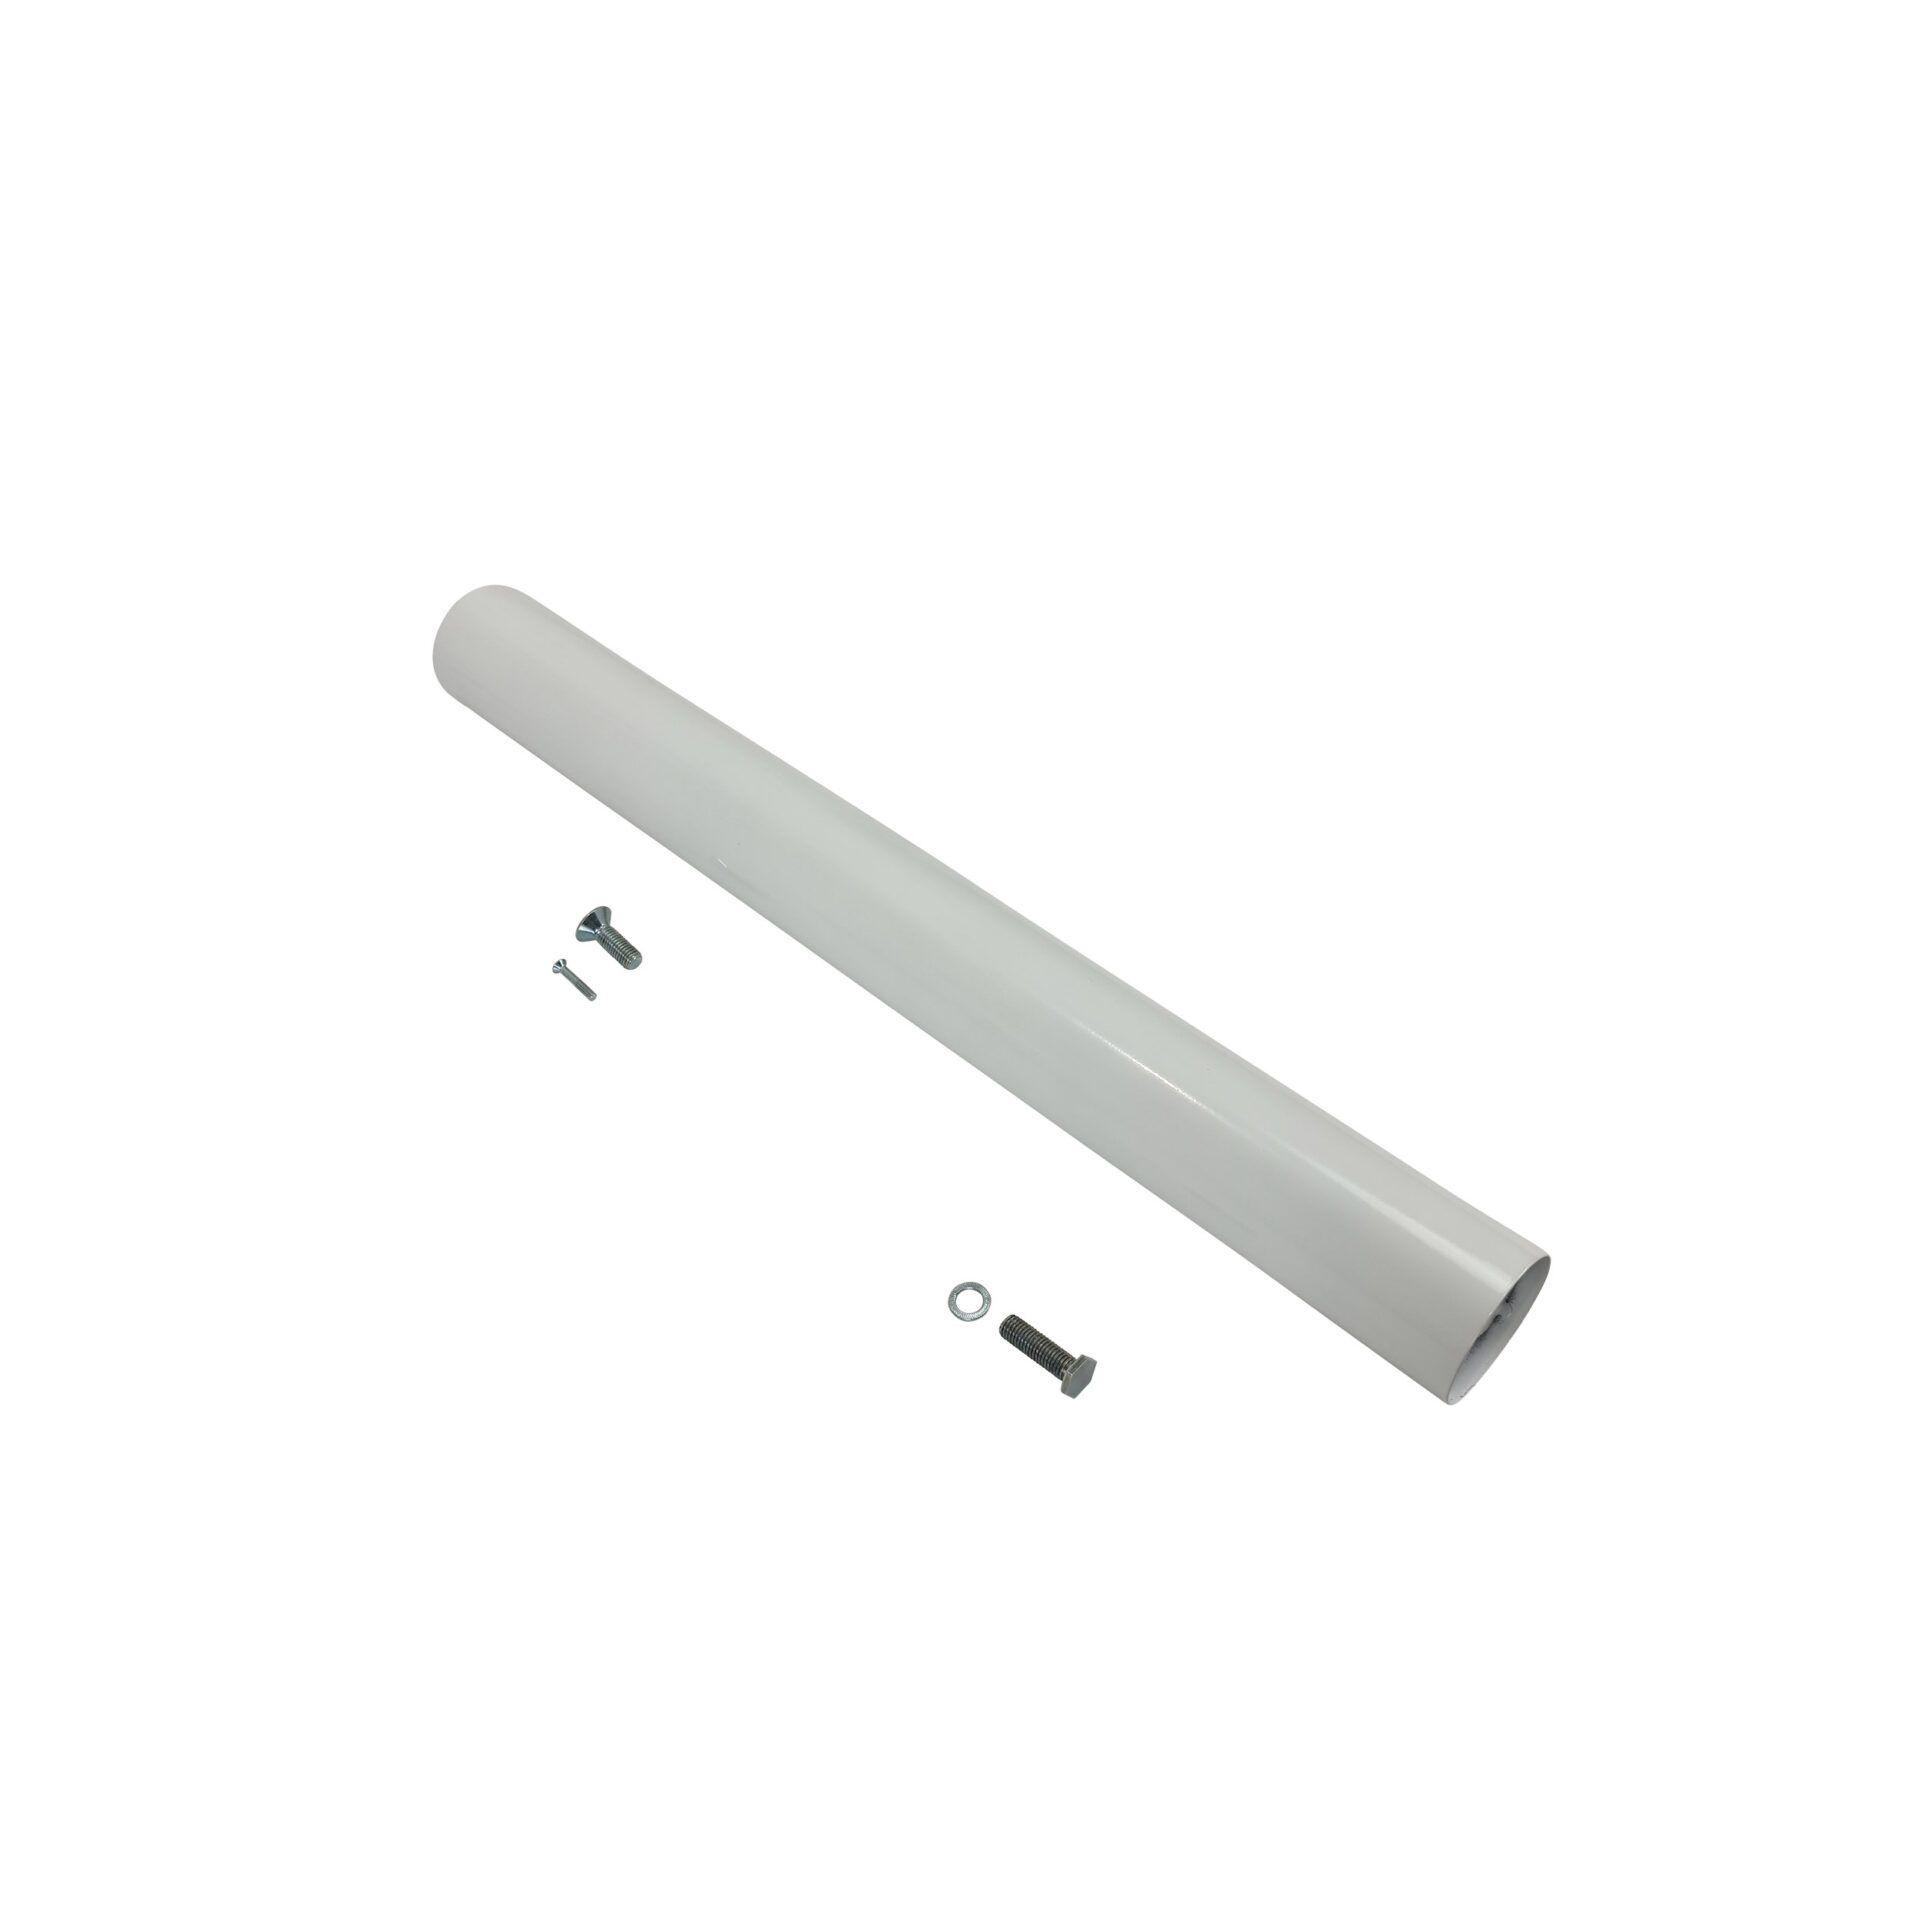 lyon table base white.pole .parts